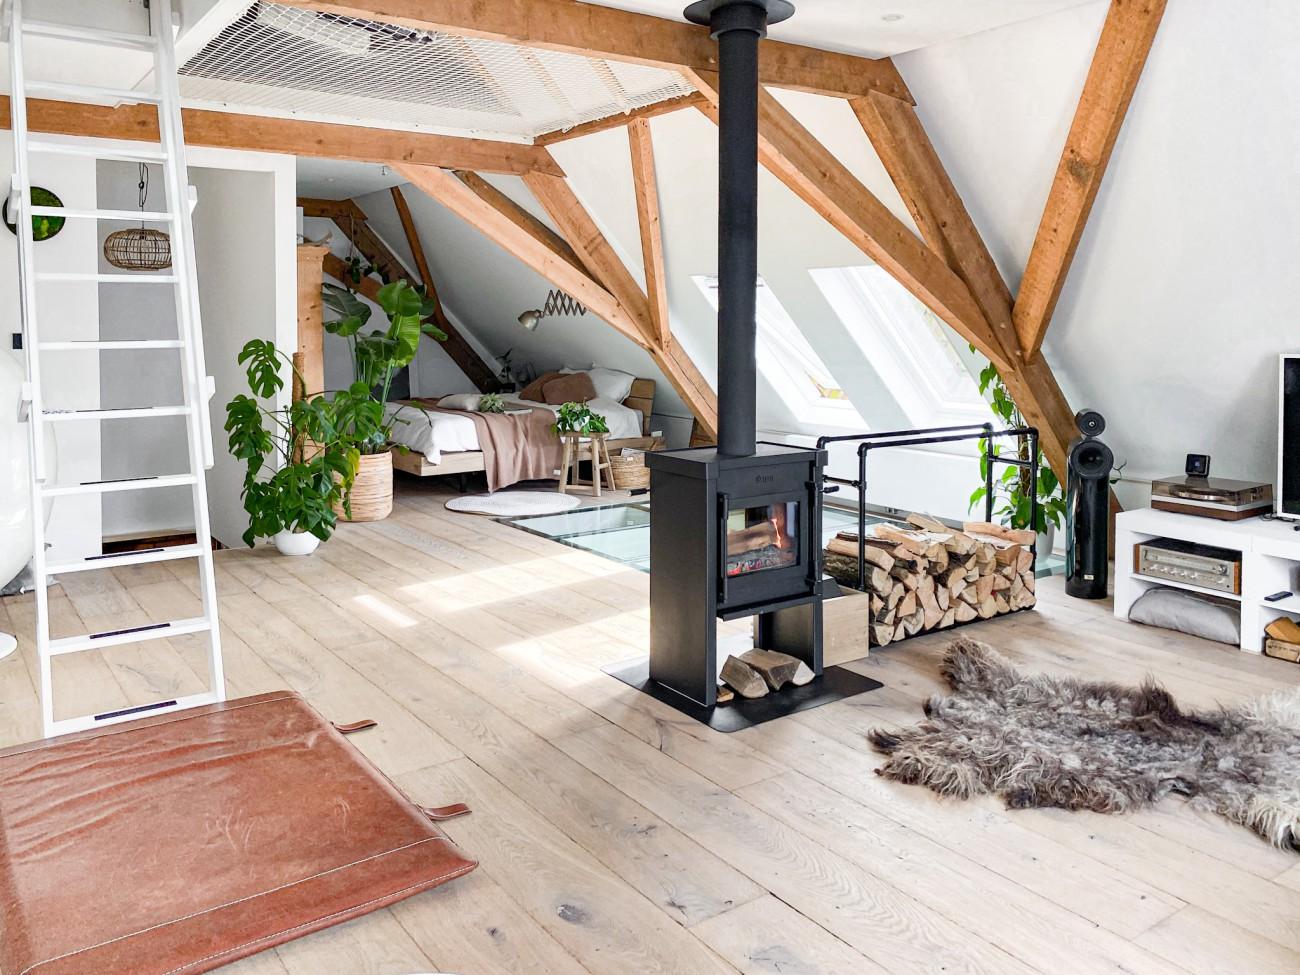 Een eiken vloer geeft warmte en sfeer